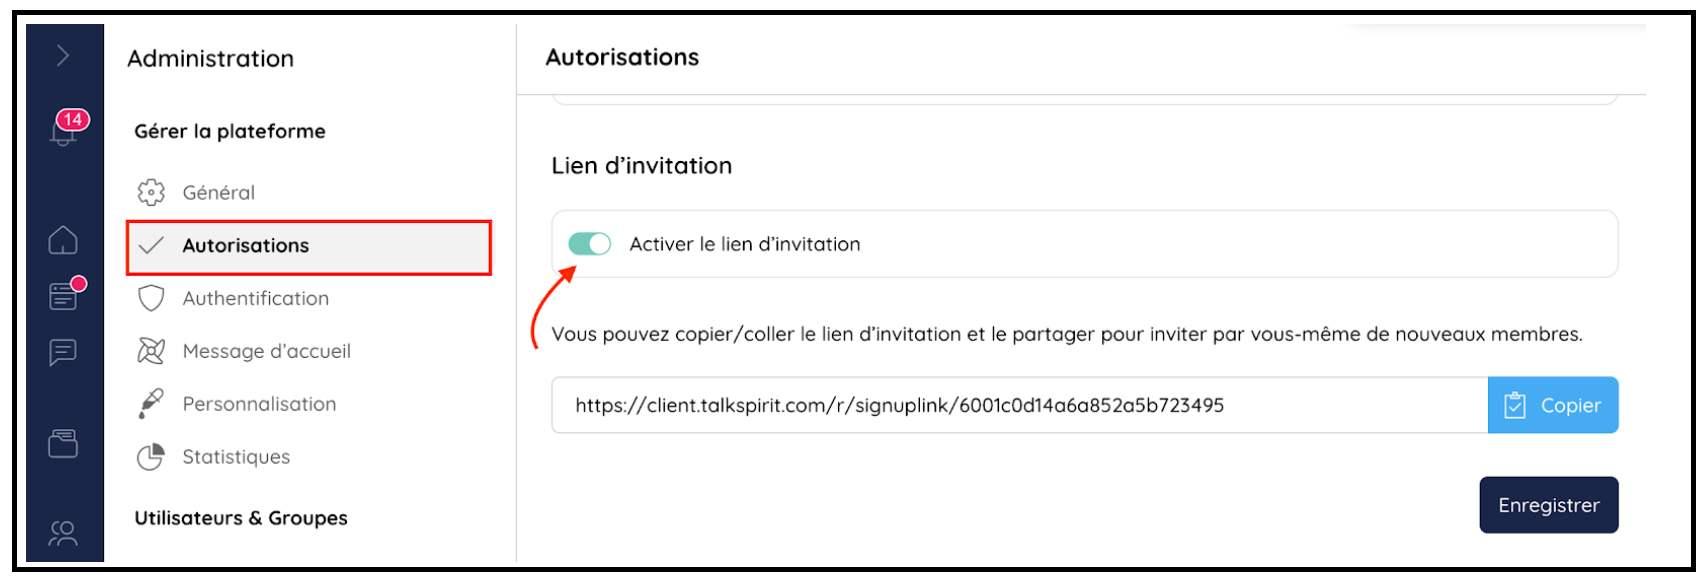 Activer un lien d'invitation